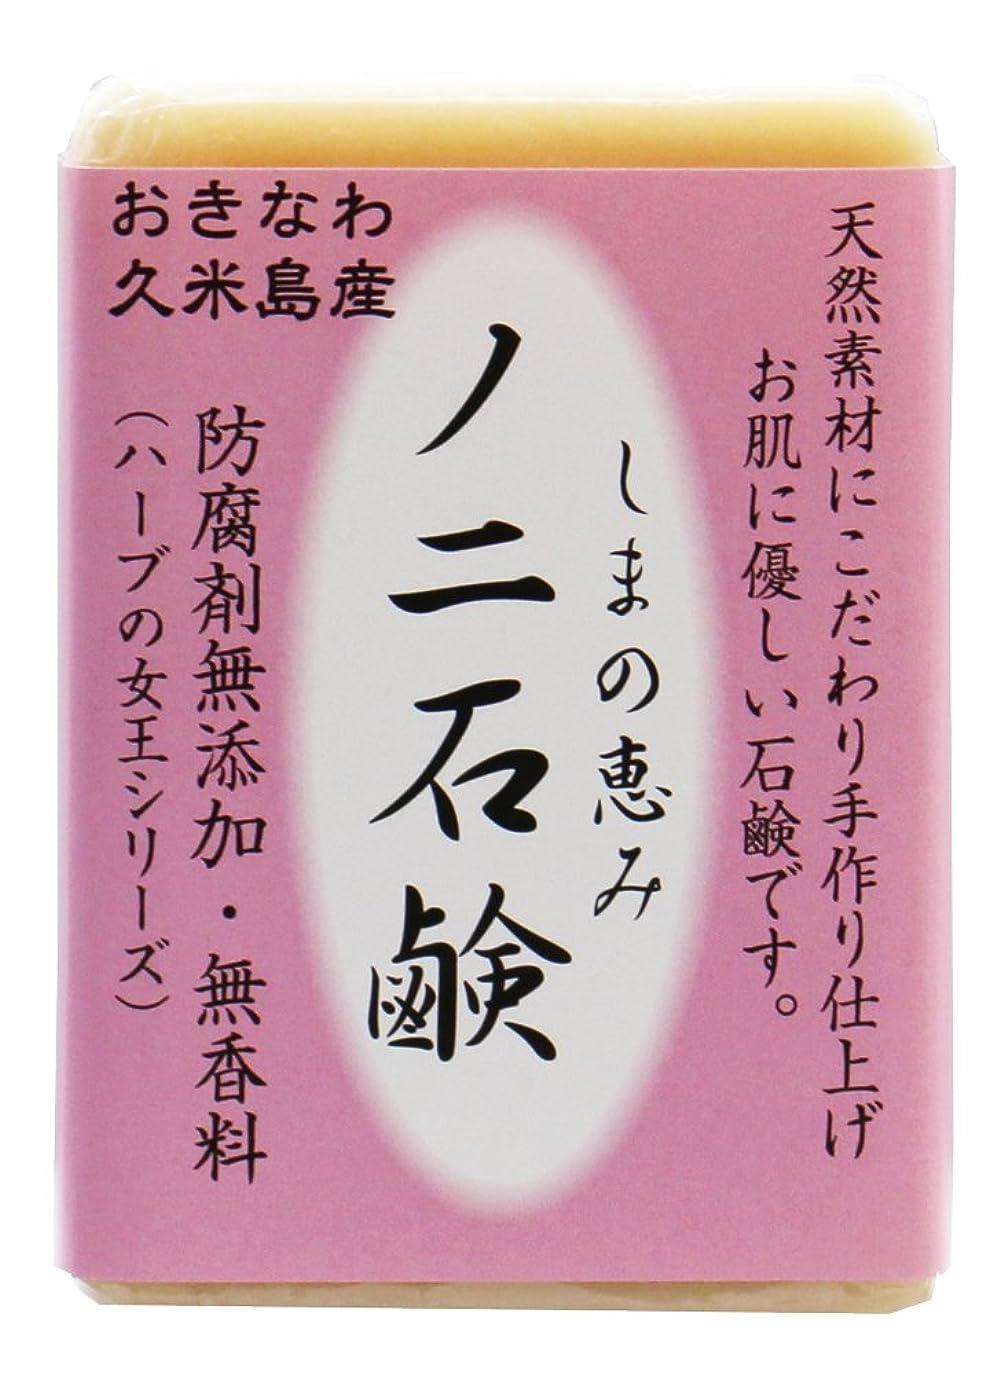 拡大する寄稿者見せます島の恵み ノニ石鹸 100g 沖縄県久米島産ノニ使用